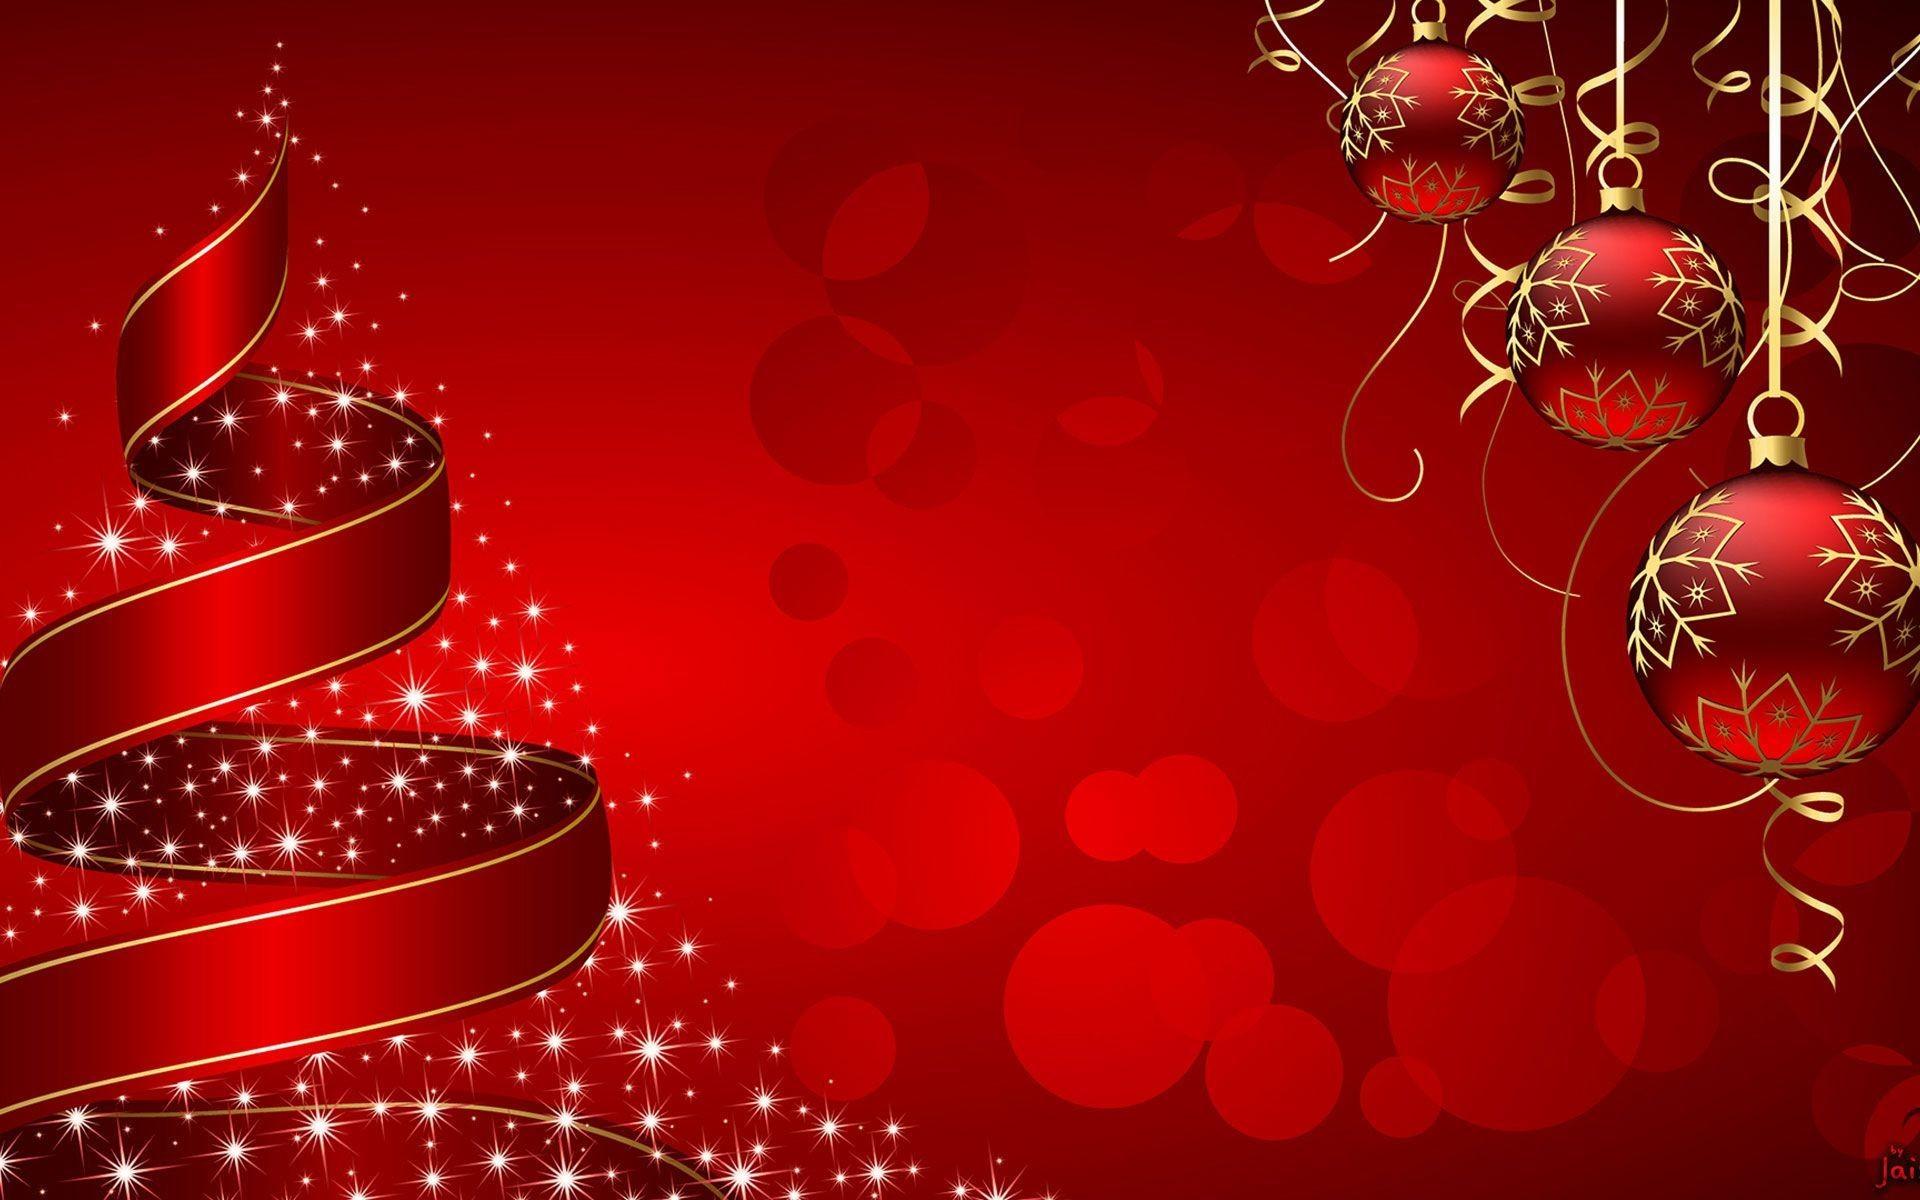 Free Christmas Tree Wallpaper